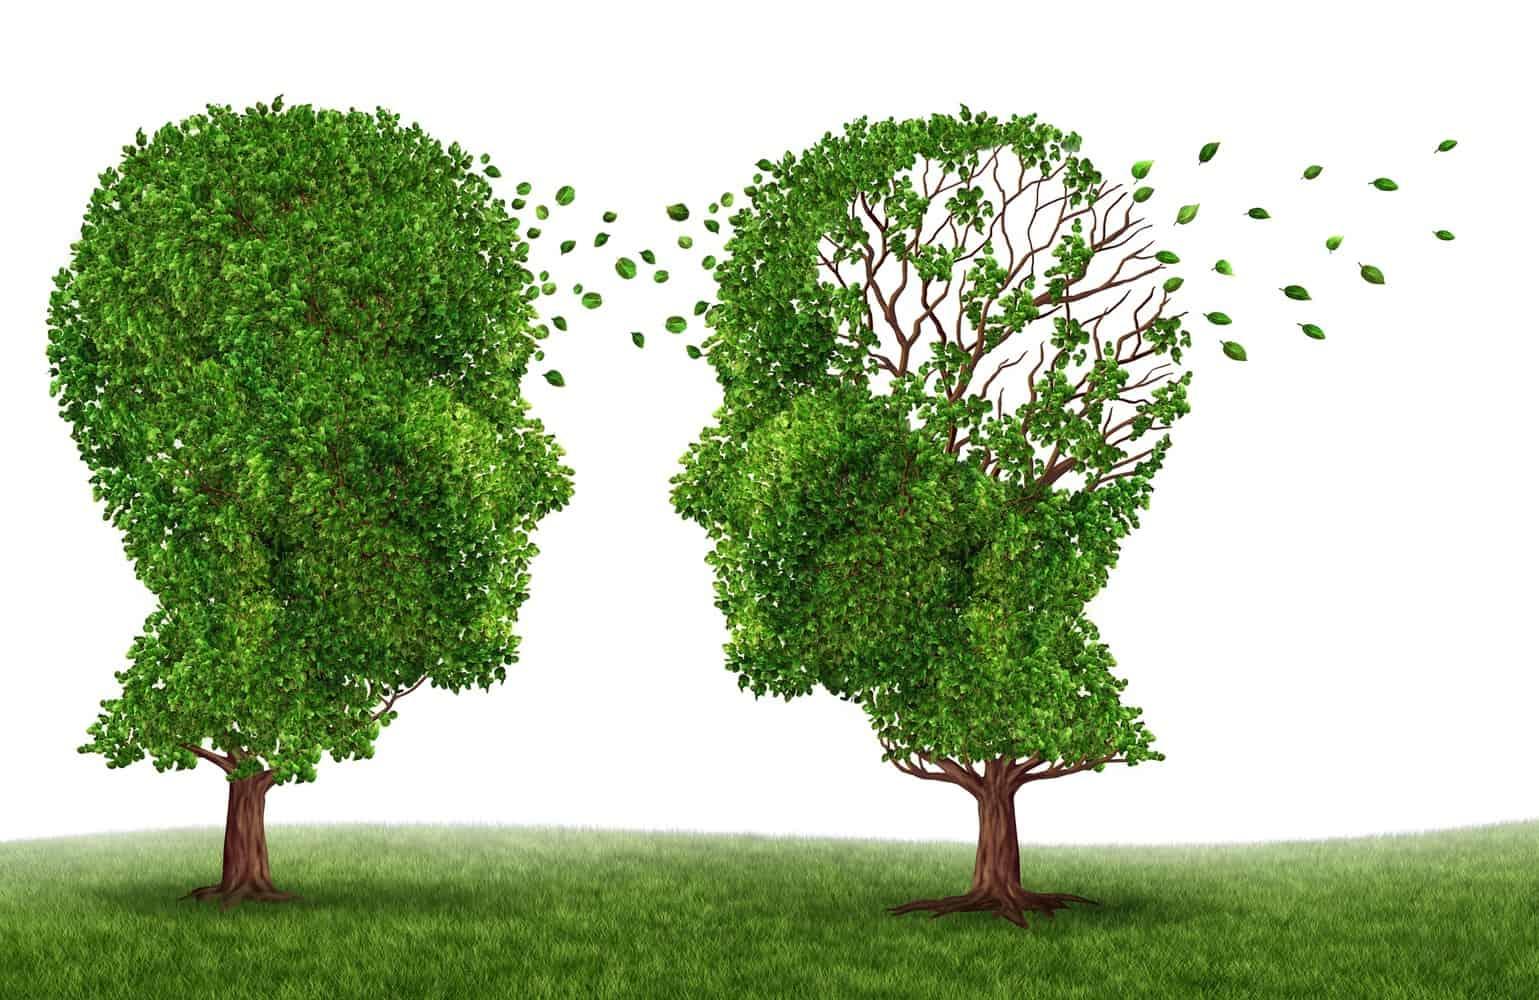 Head-shaped trees.